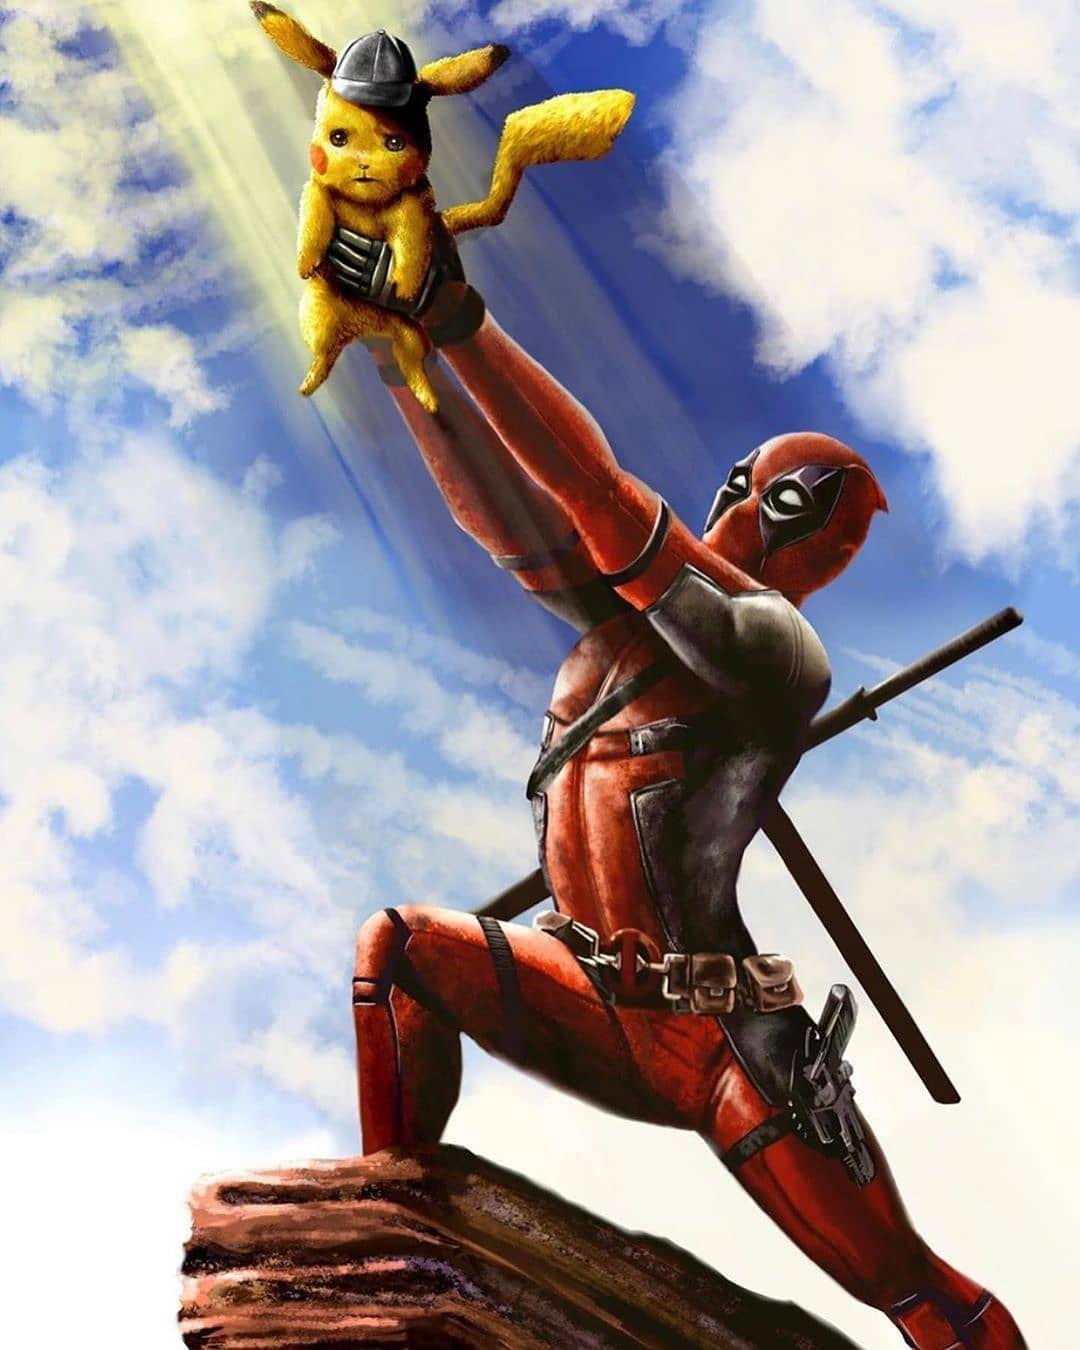 Artist Tgcomics512 Deadpool Pikachu Deadpool Star Trek Star Wars Art Darth Vader Boba Fett Star In 2020 Deadpool Pikachu Marvel Superhero Posters Deadpool Wallpaper